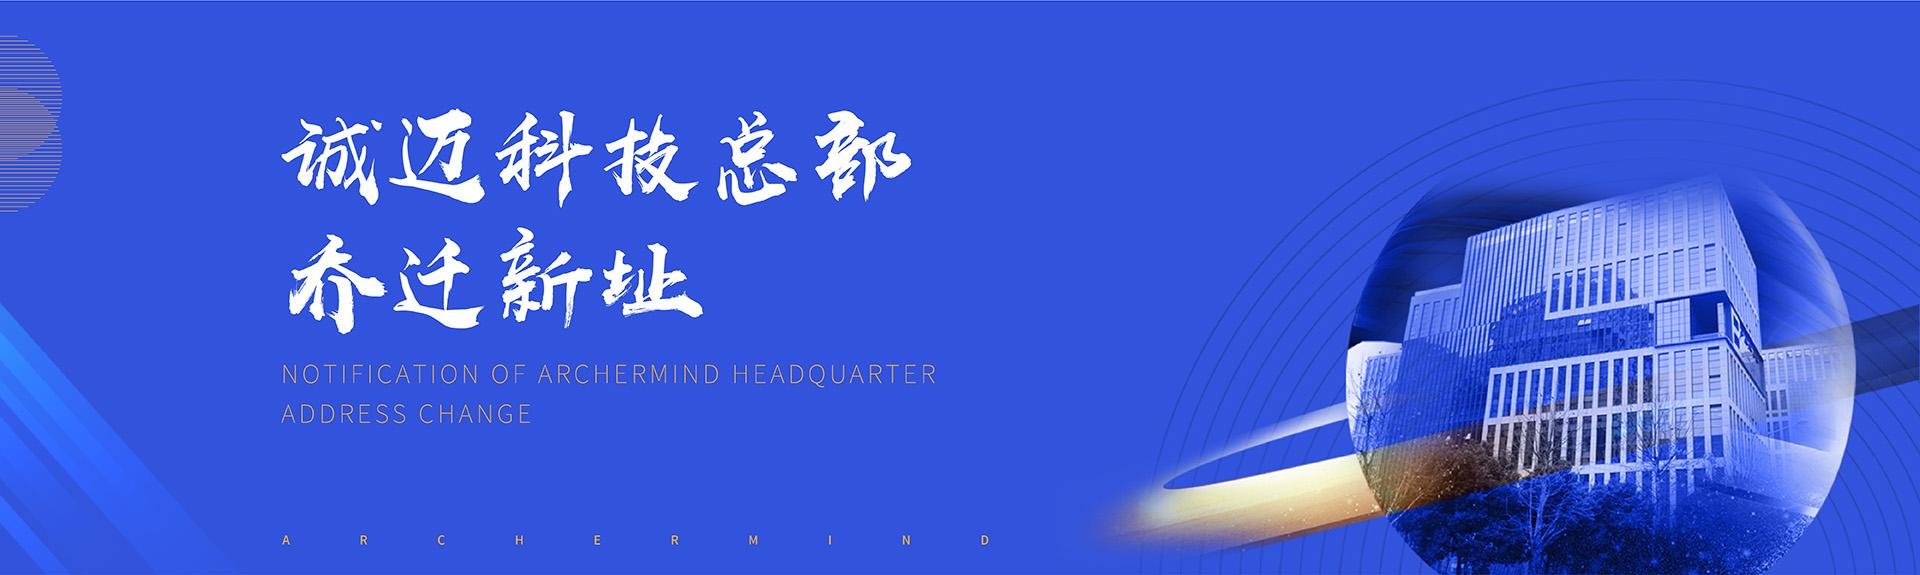 20190118-官网banner